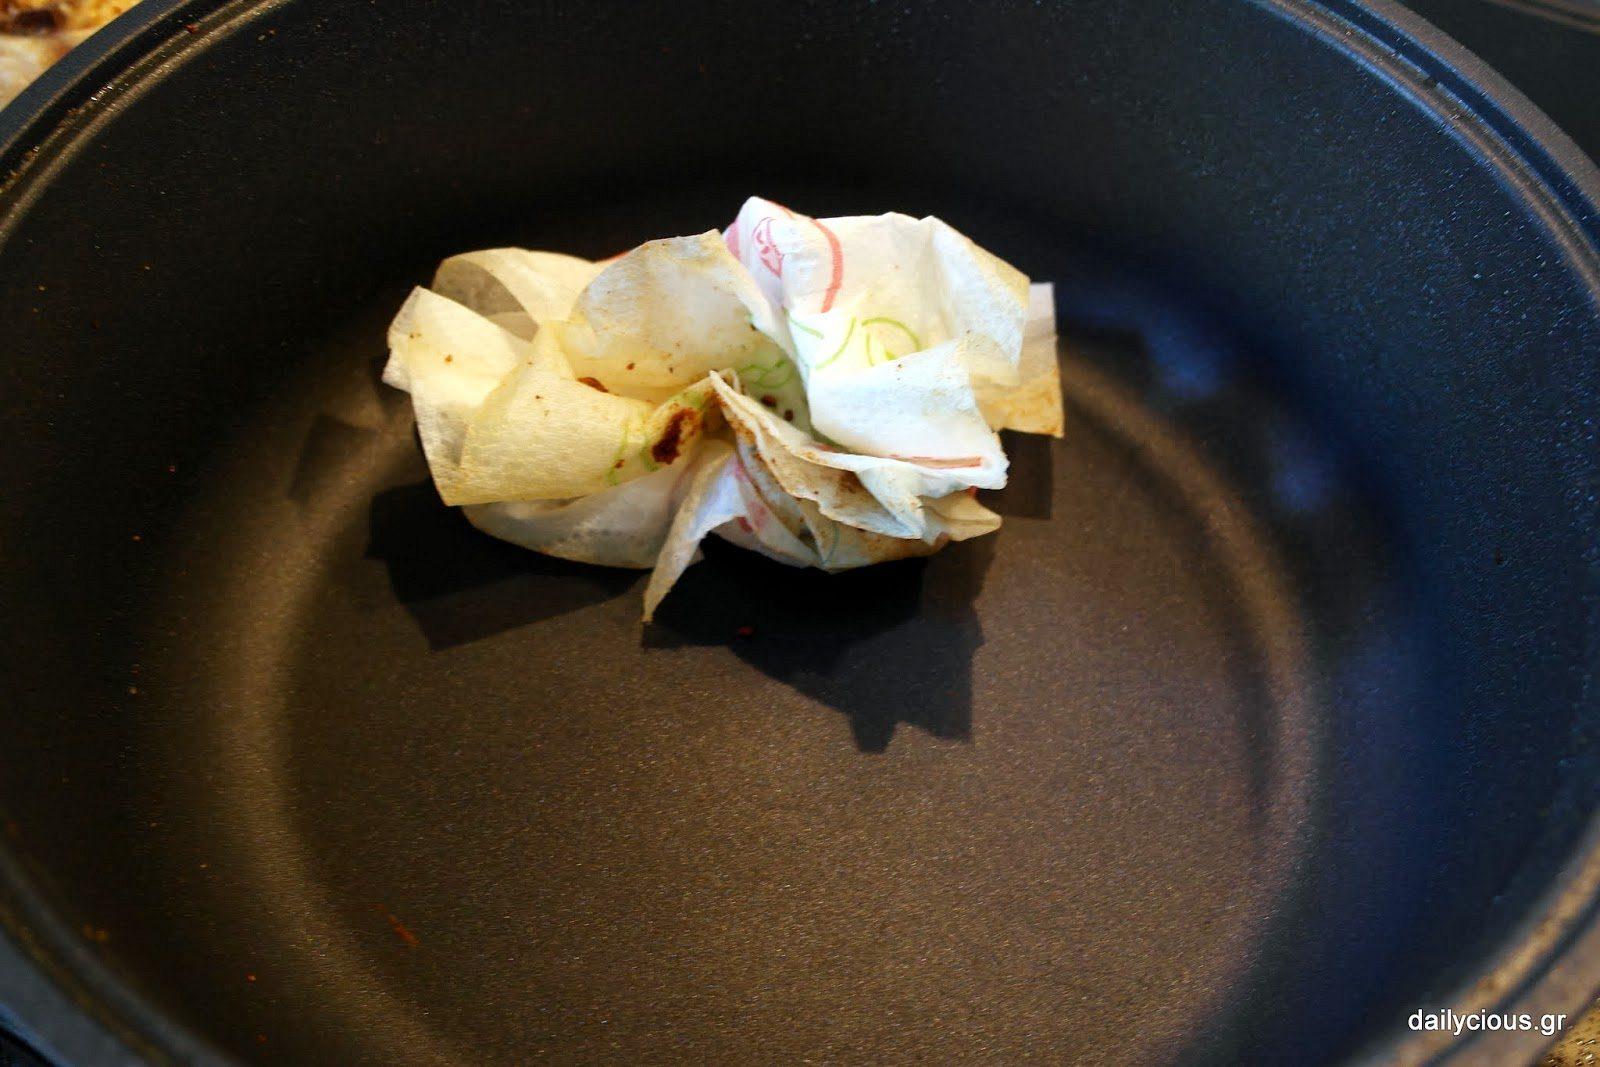 Με ένα χαρτί κουζίνας καθαρίζω τα λάδια.